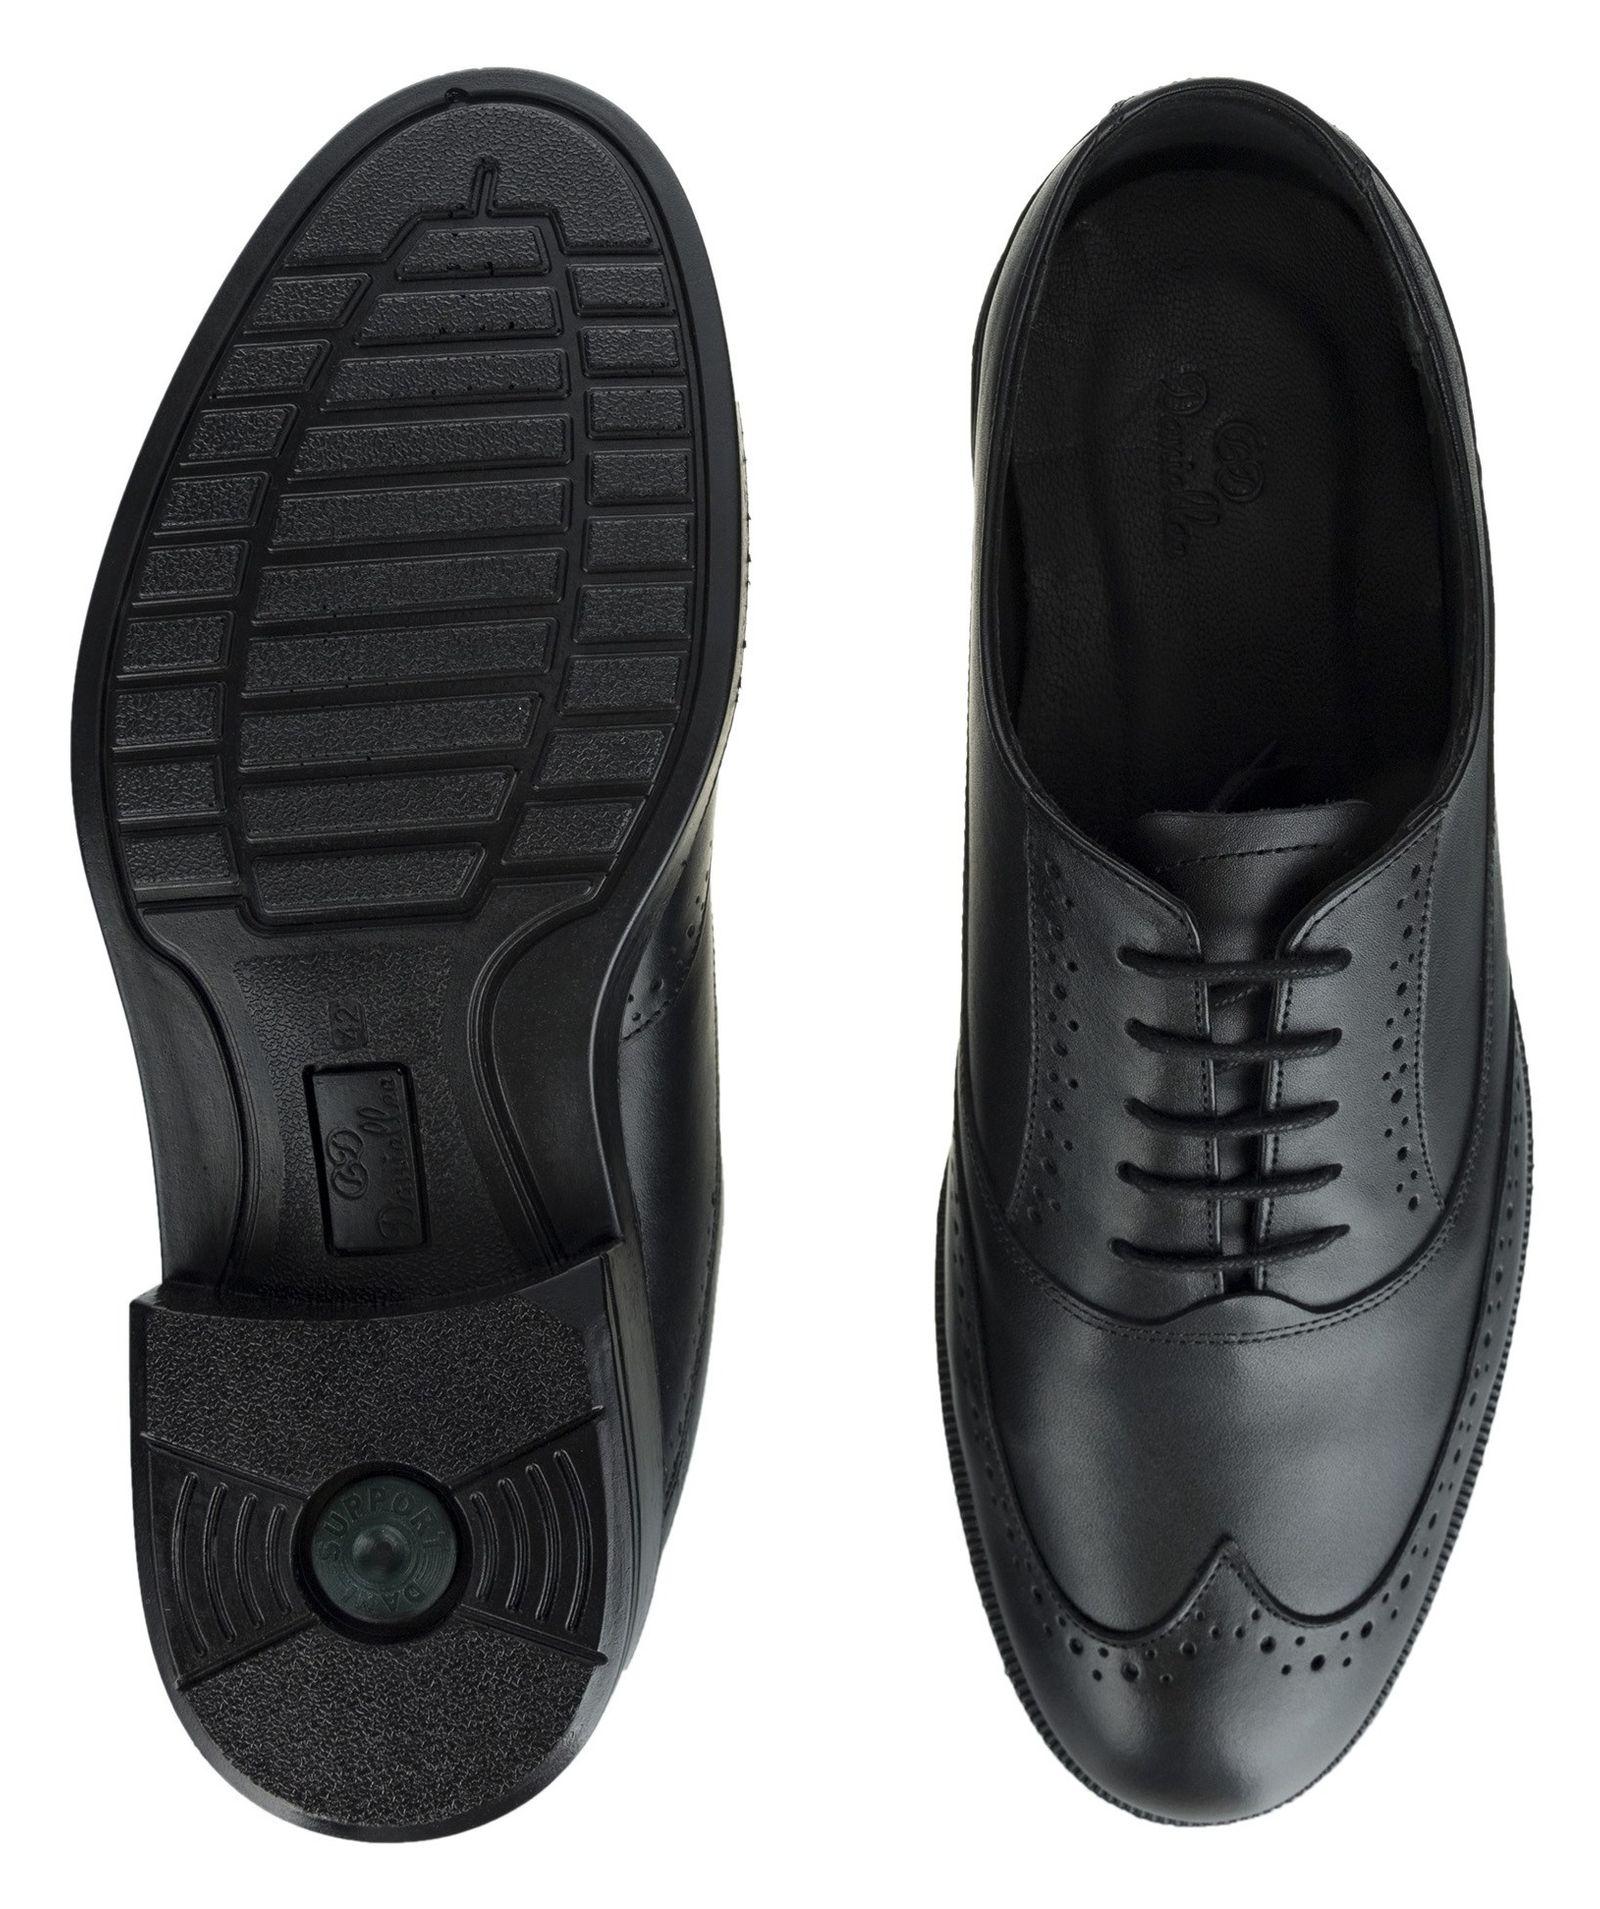 کفش رسمی چرم مردانه Lazzaro - دنیلی - مشکي - 6